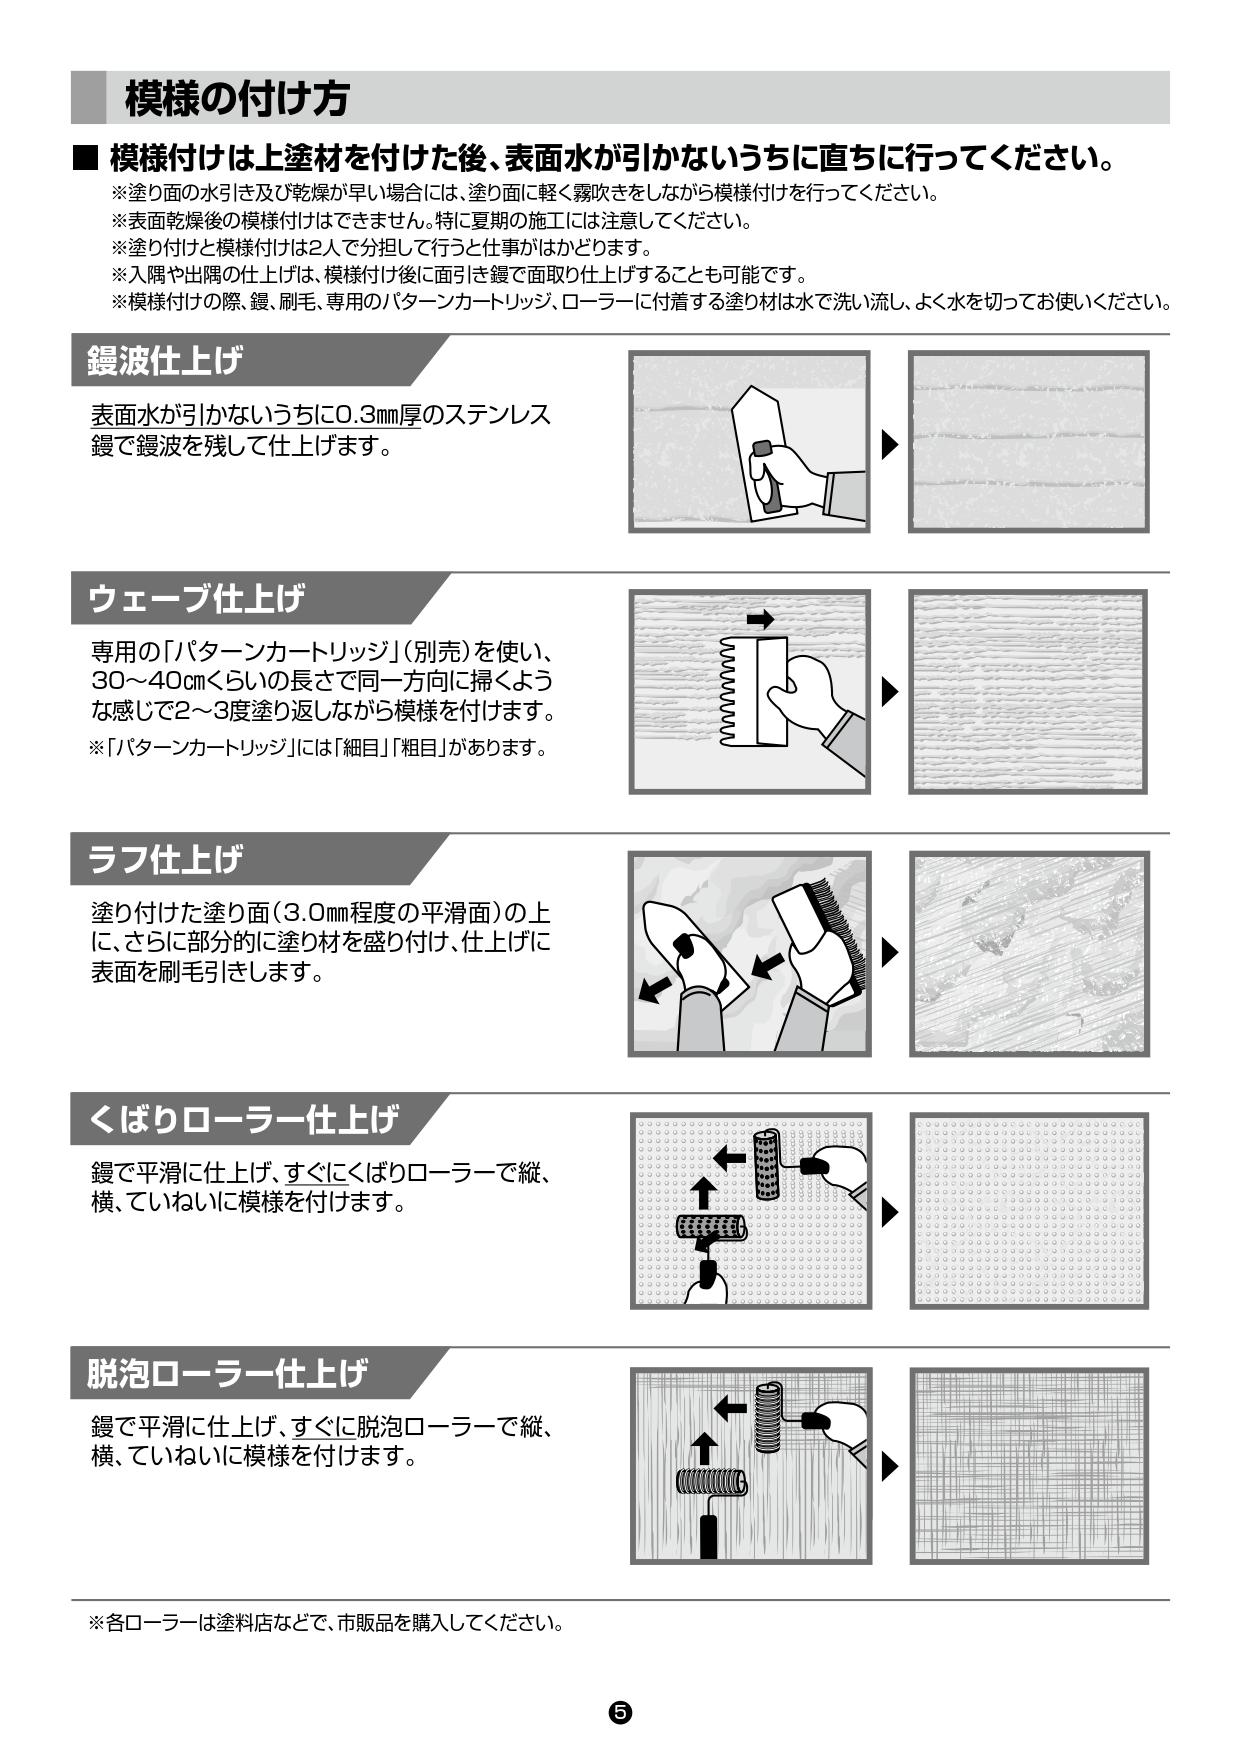 美ブロHG 施工要領書_page-0005